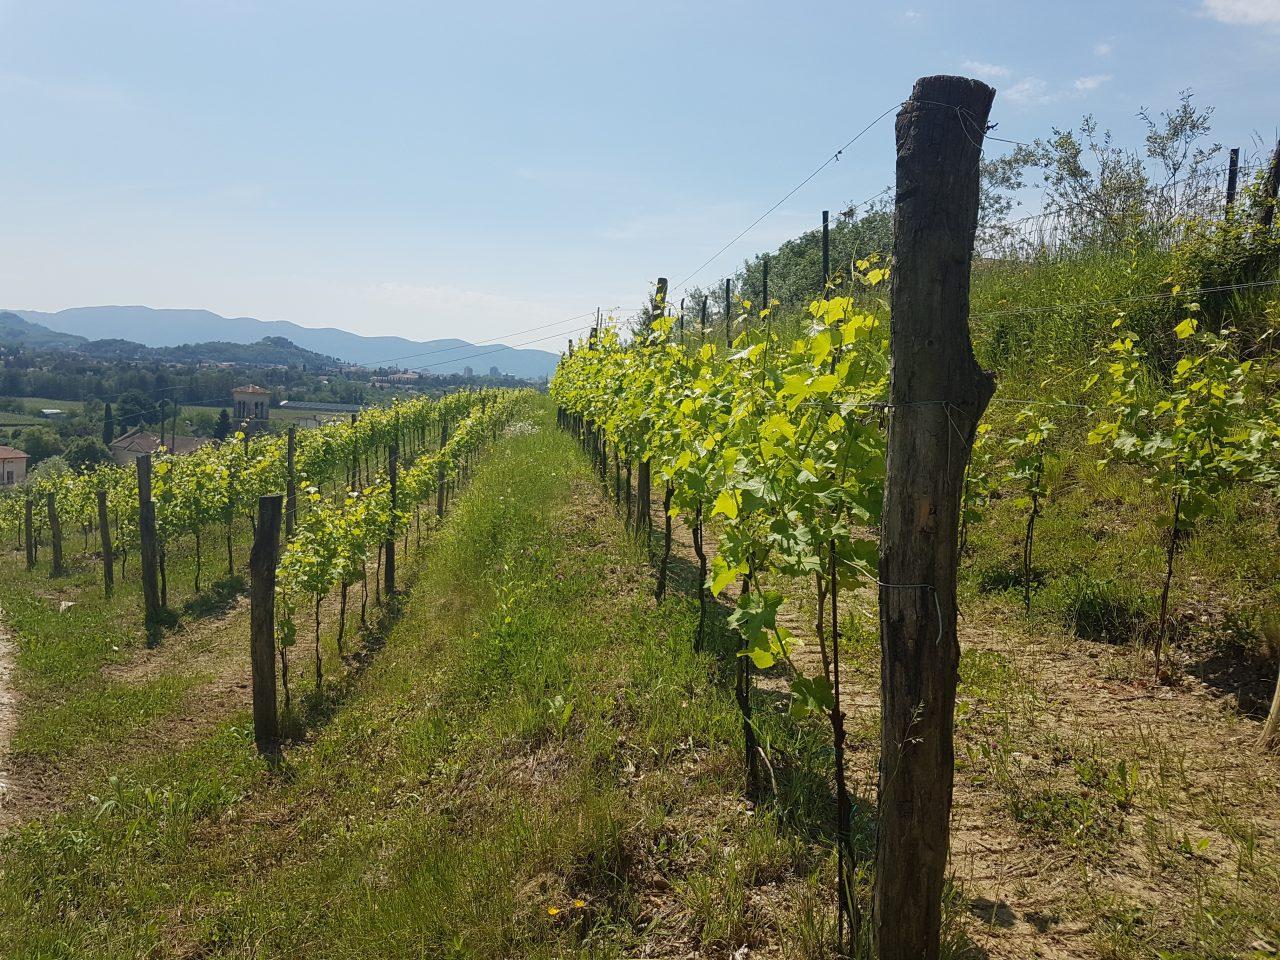 Dario-Princic-Italie-34170-Gorizia